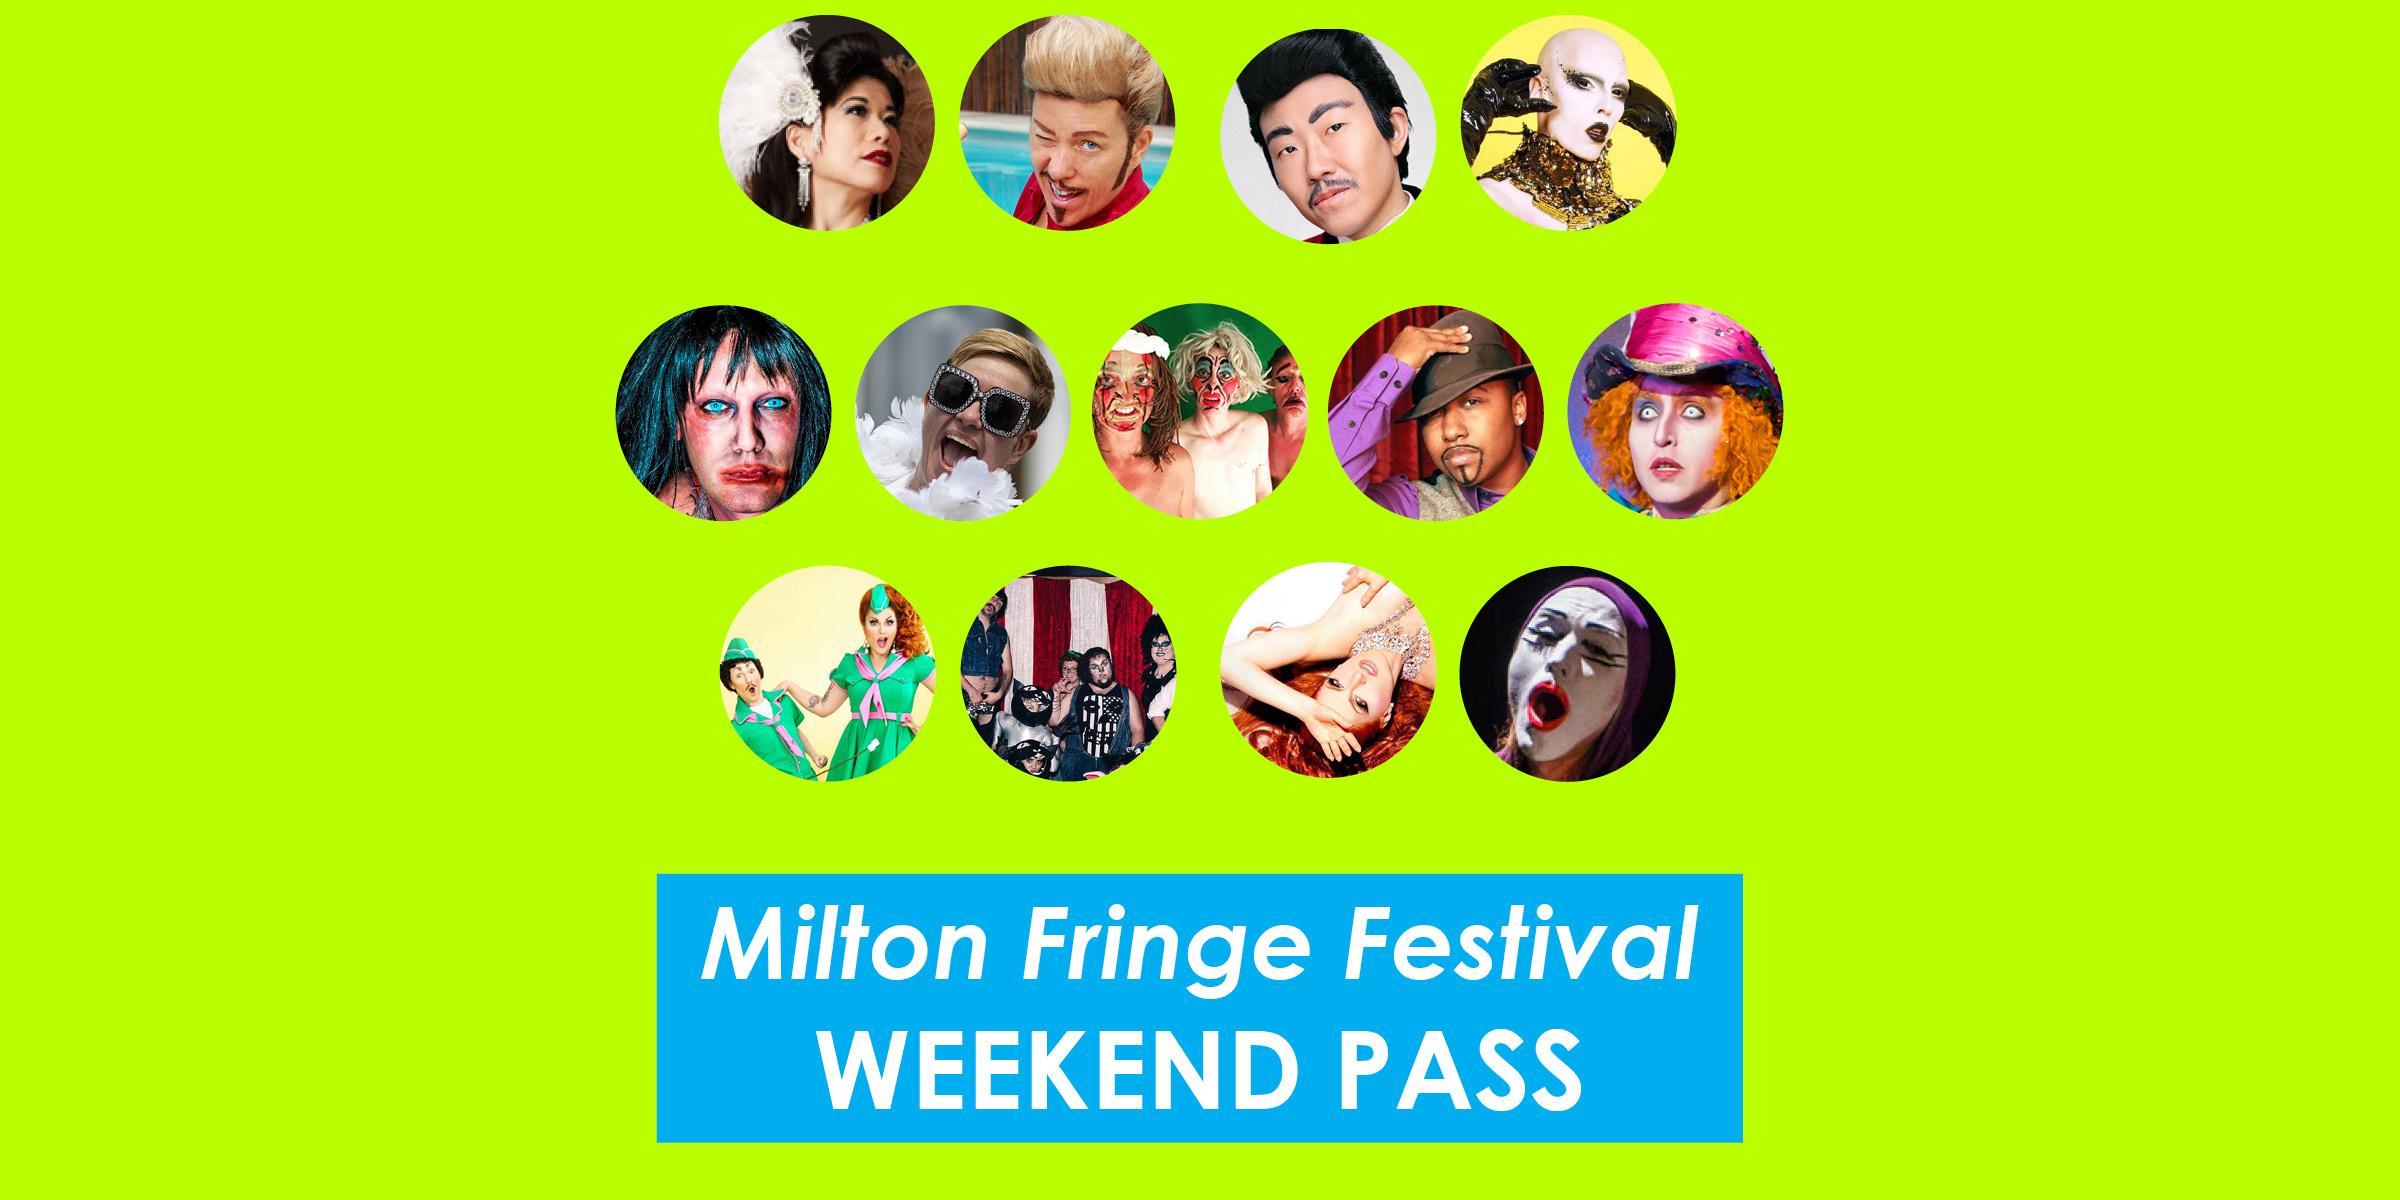 MFF Saturday weekend pass-eventbrite.jpg